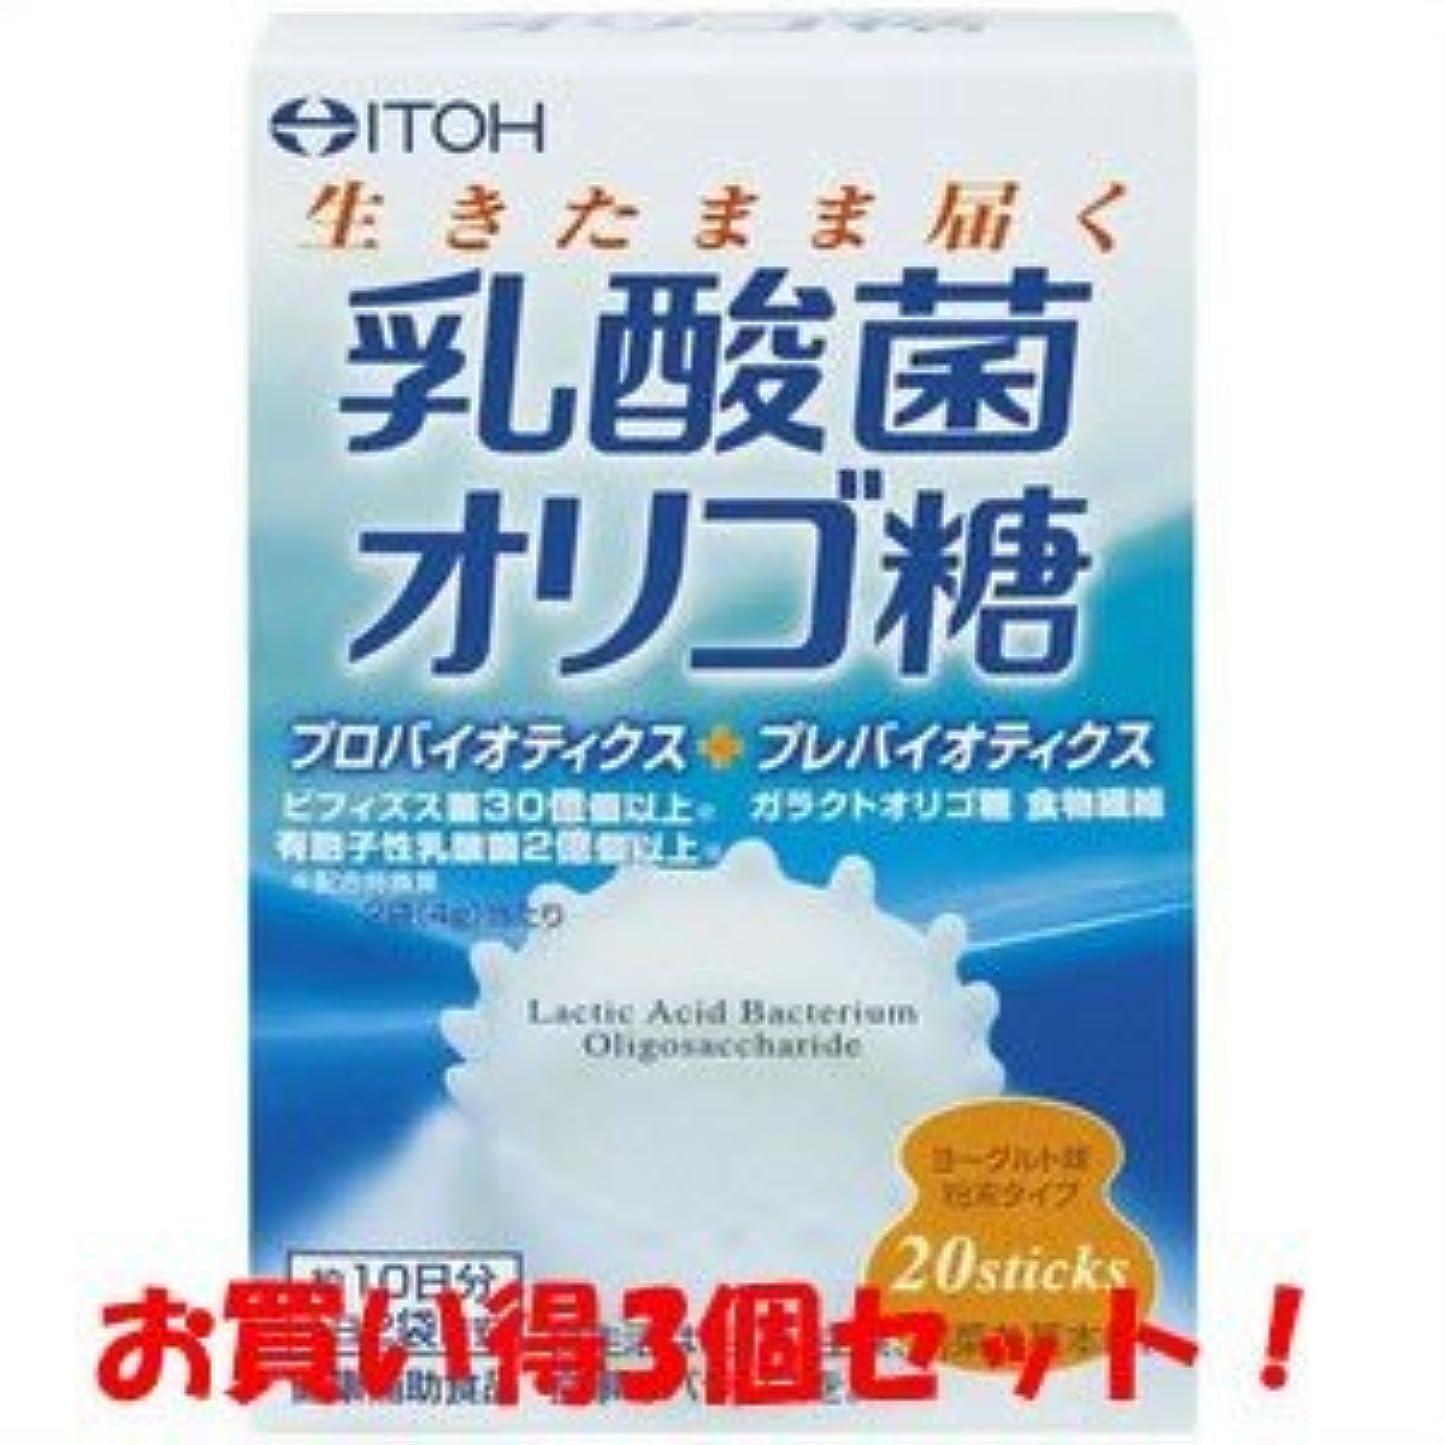 ヘルパー試み米国【井藤漢方製薬】乳酸菌オリゴ糖 40g(2g×20スティック)(お買い得3個セット)